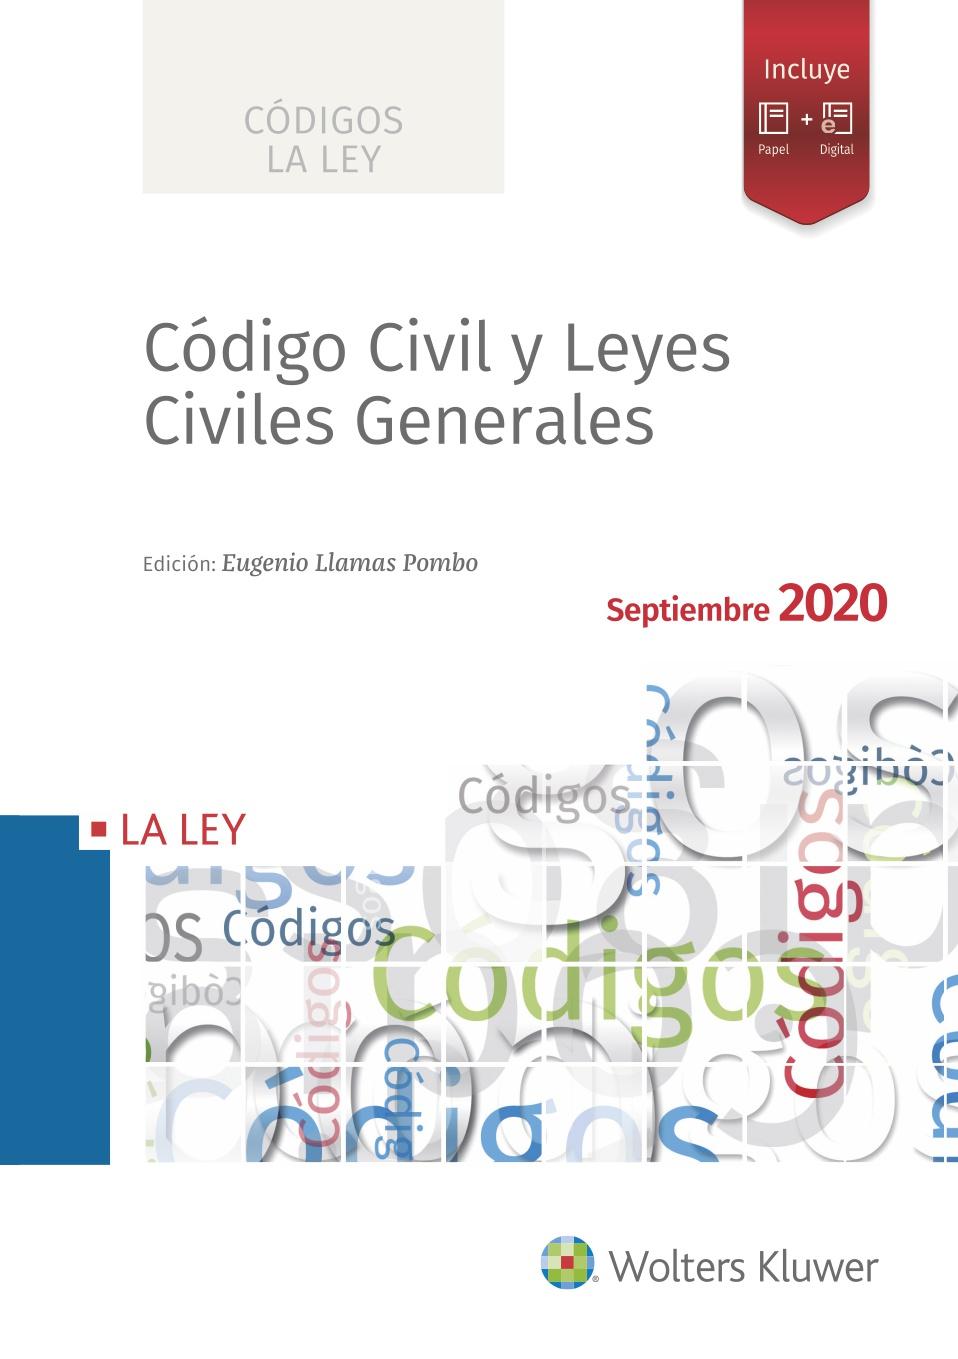 Código Civil y Leyes Civiles Generales 2020